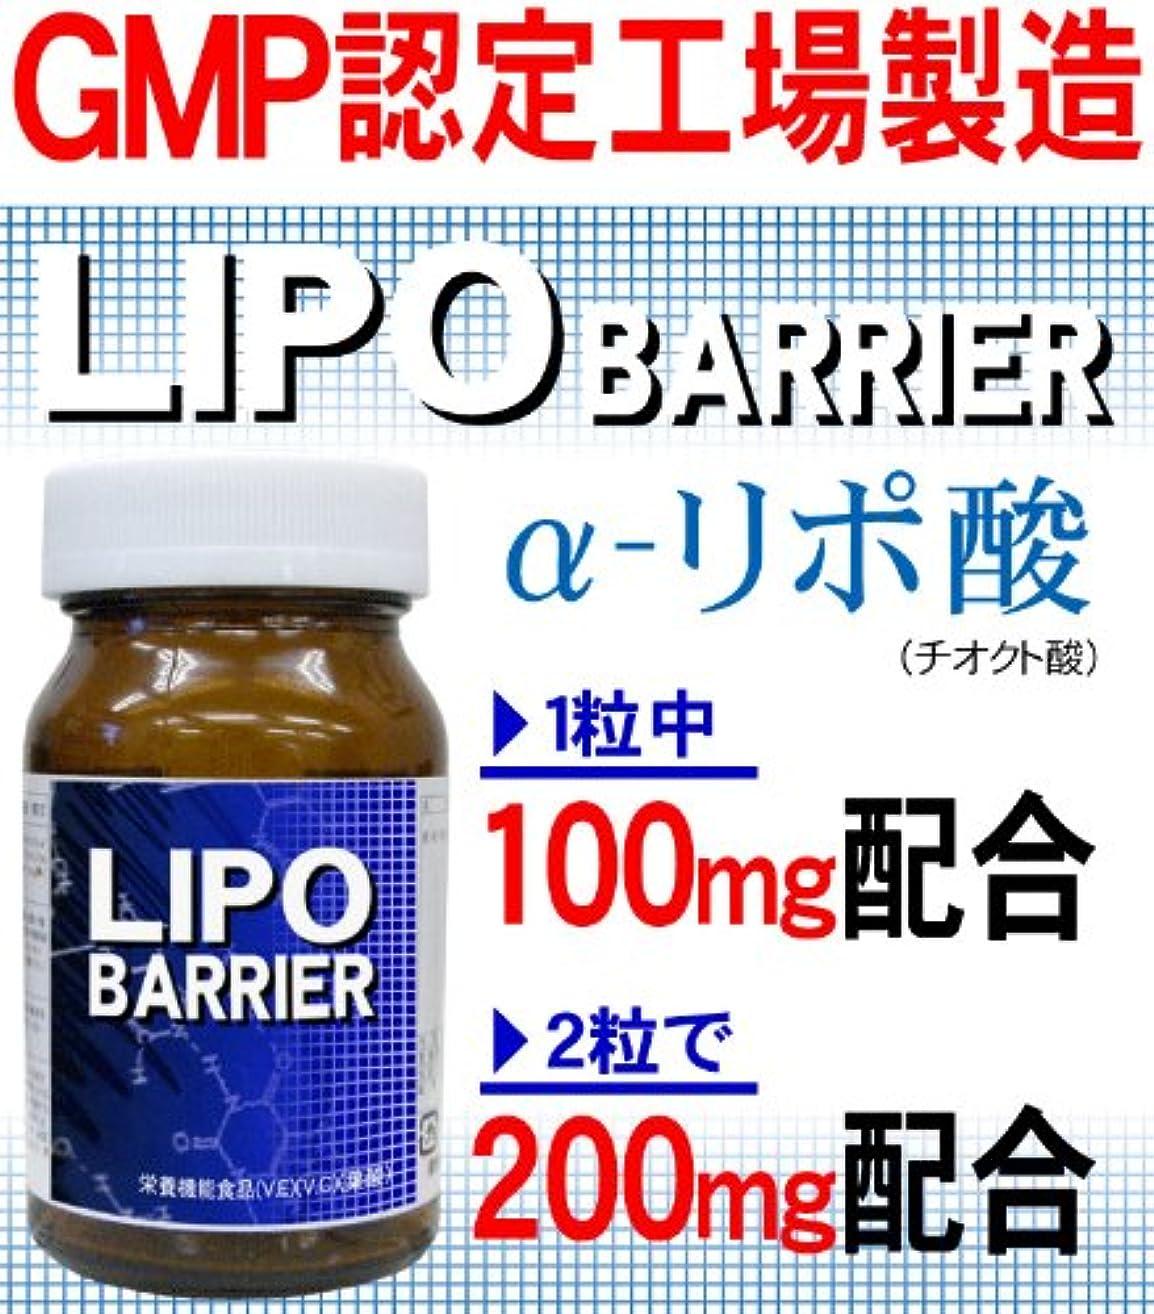 失効エーカー戸口リポバリア (α-リポ酸、ビタミンE、葉酸配合サプリメント)